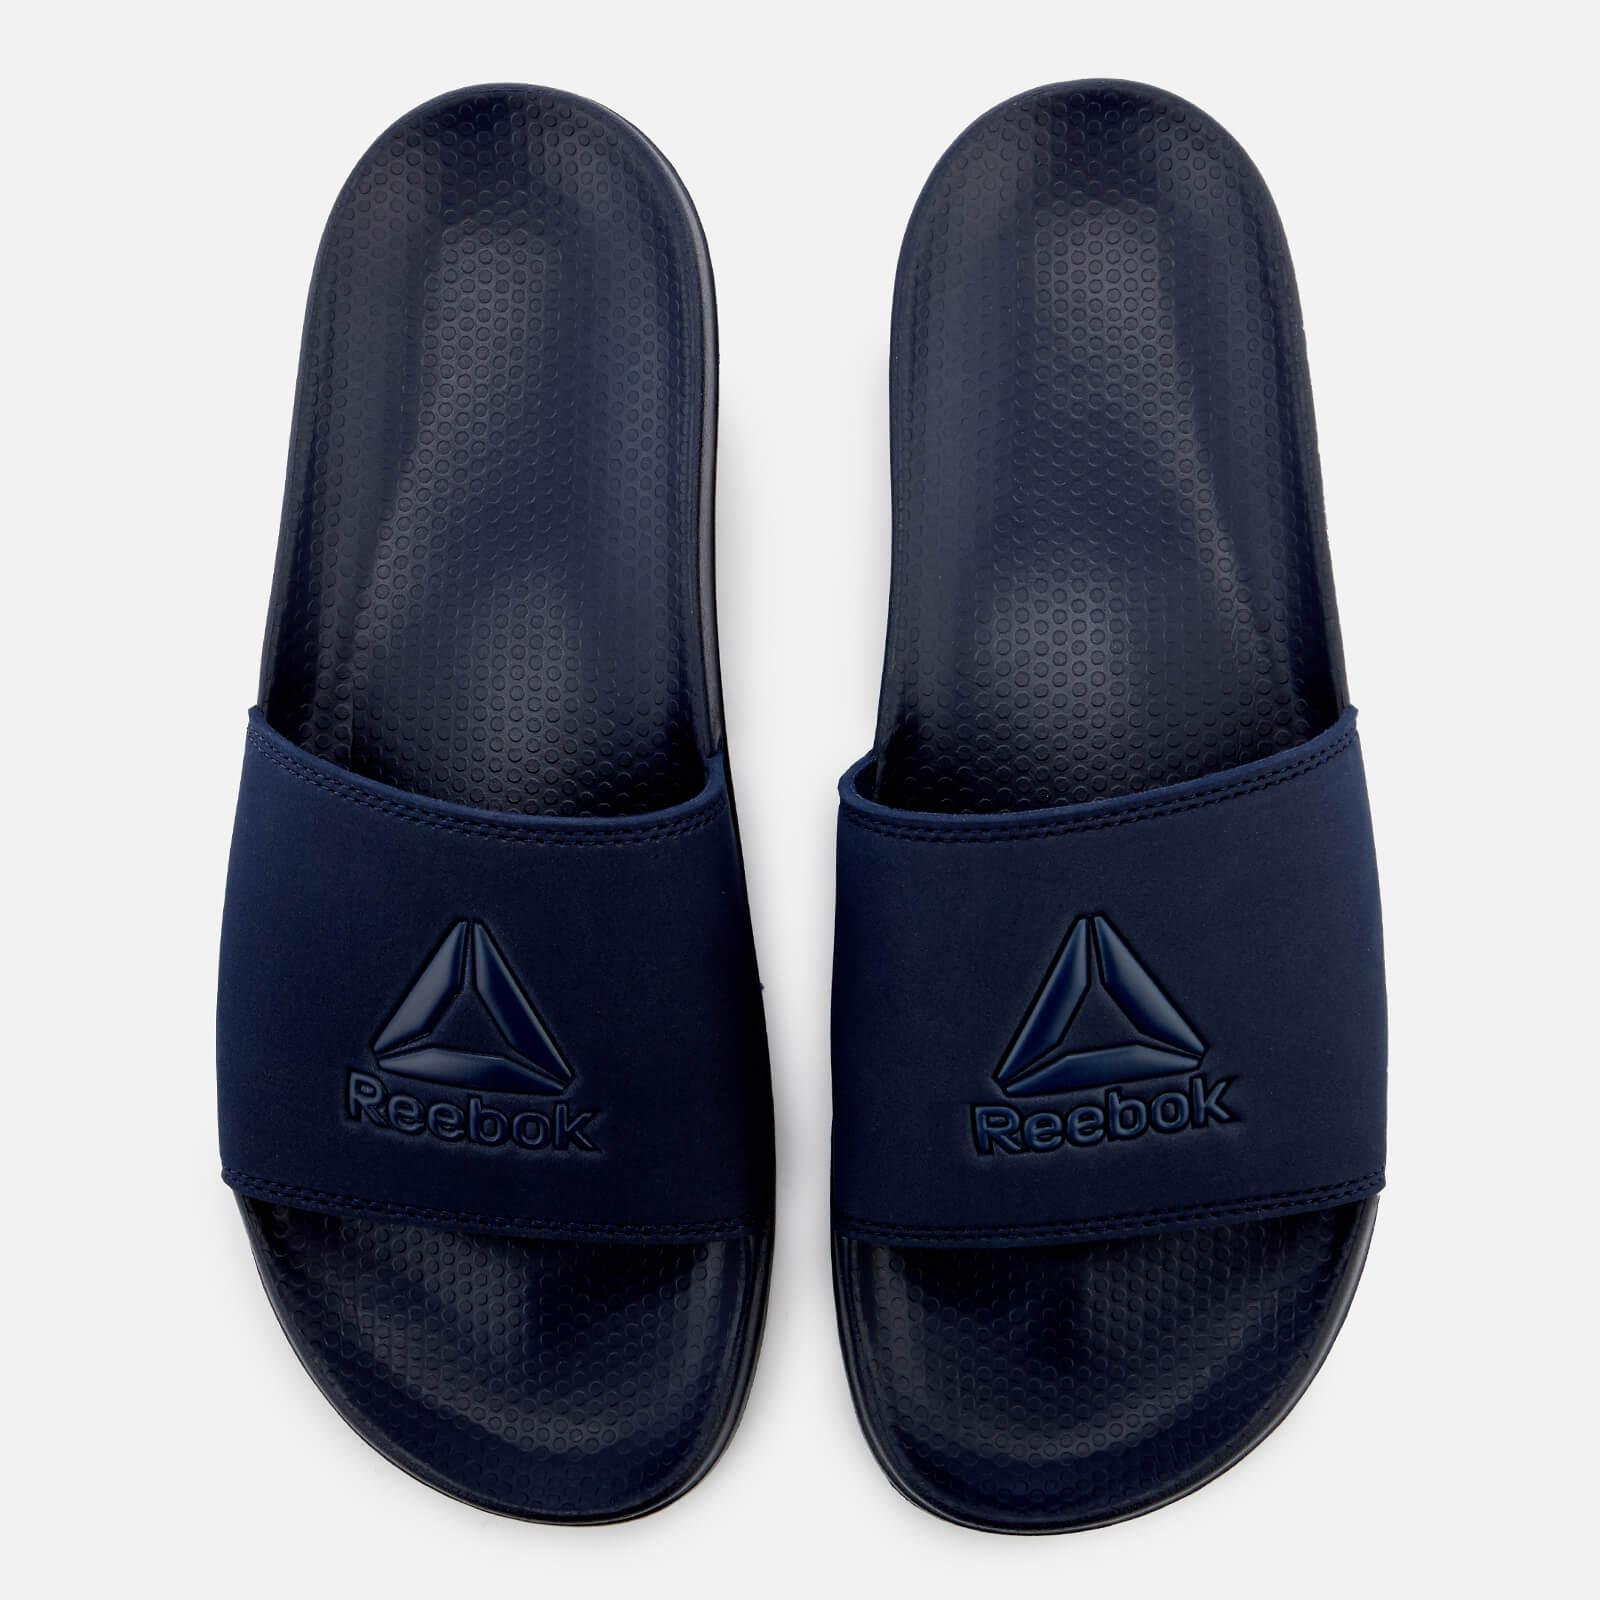 Reebok Fulgere Slide Sandals in Blue